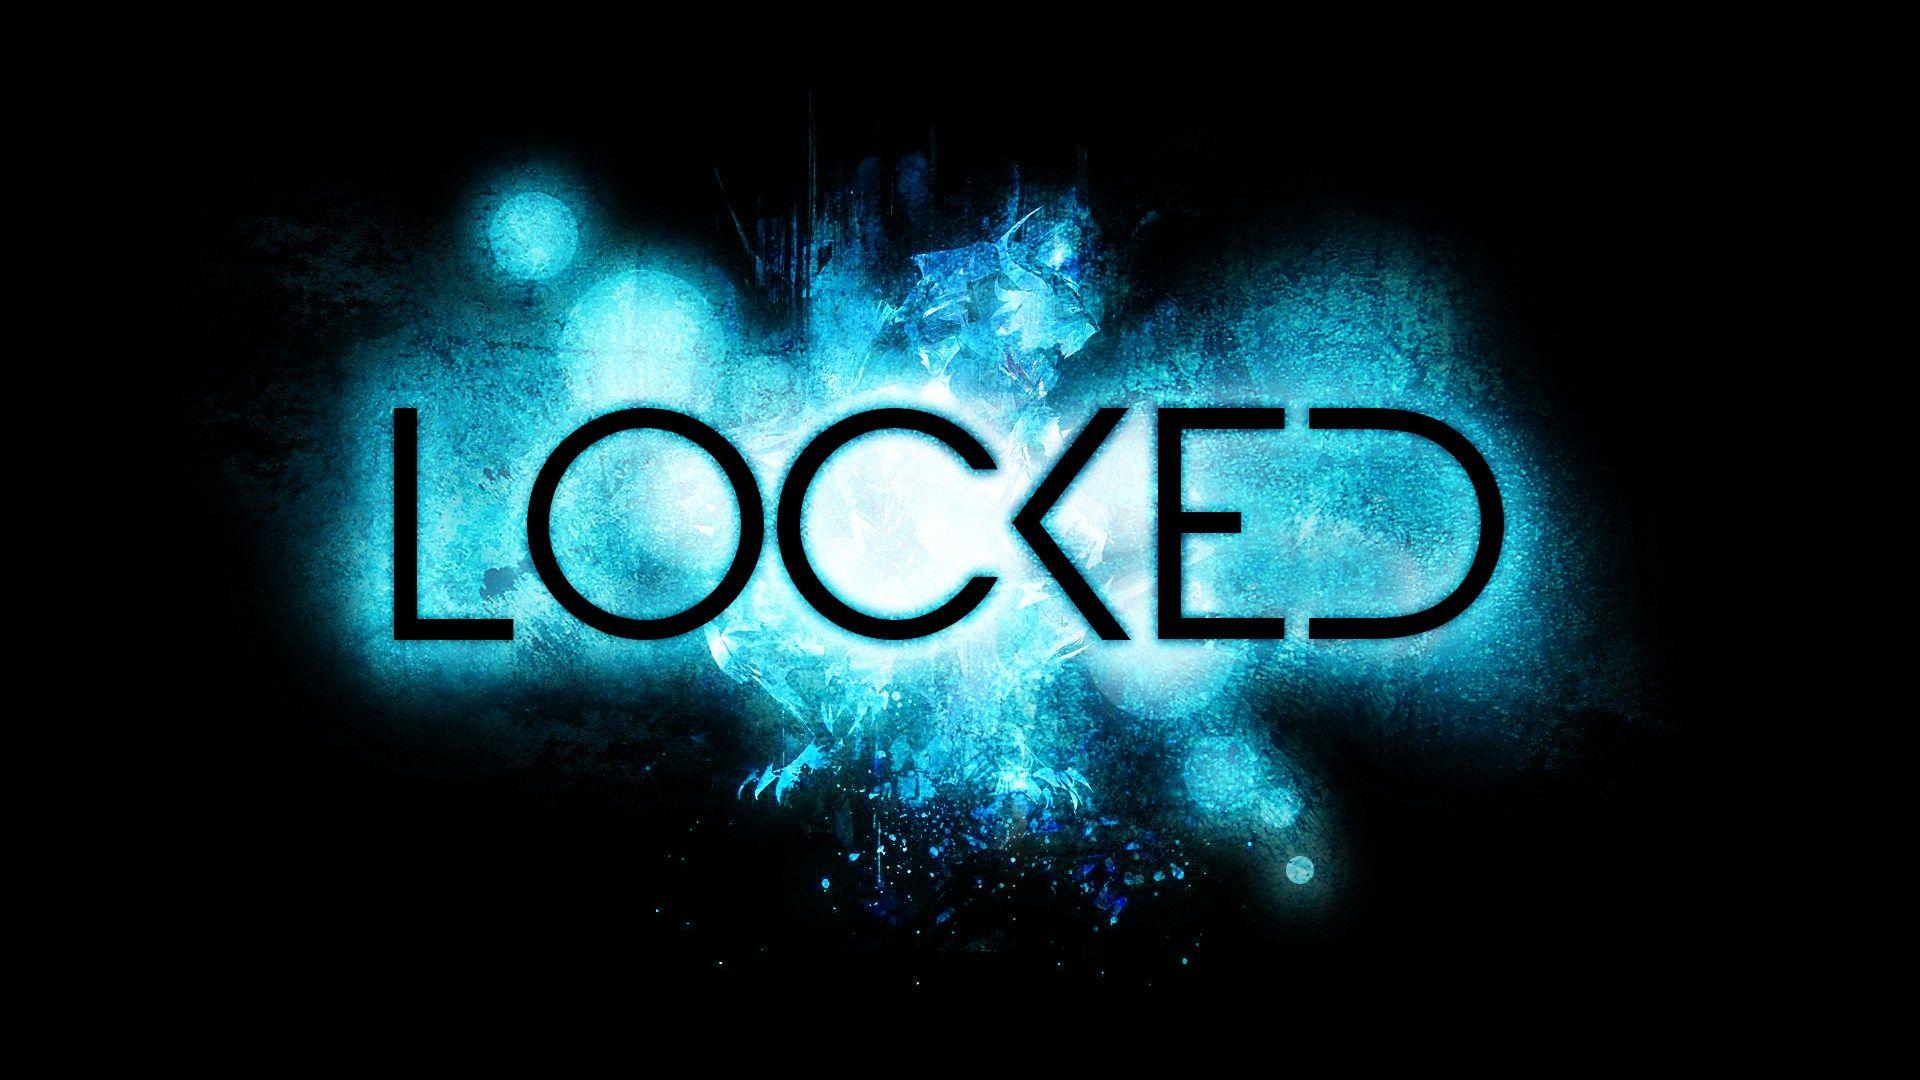 cool lock screen wallpaper